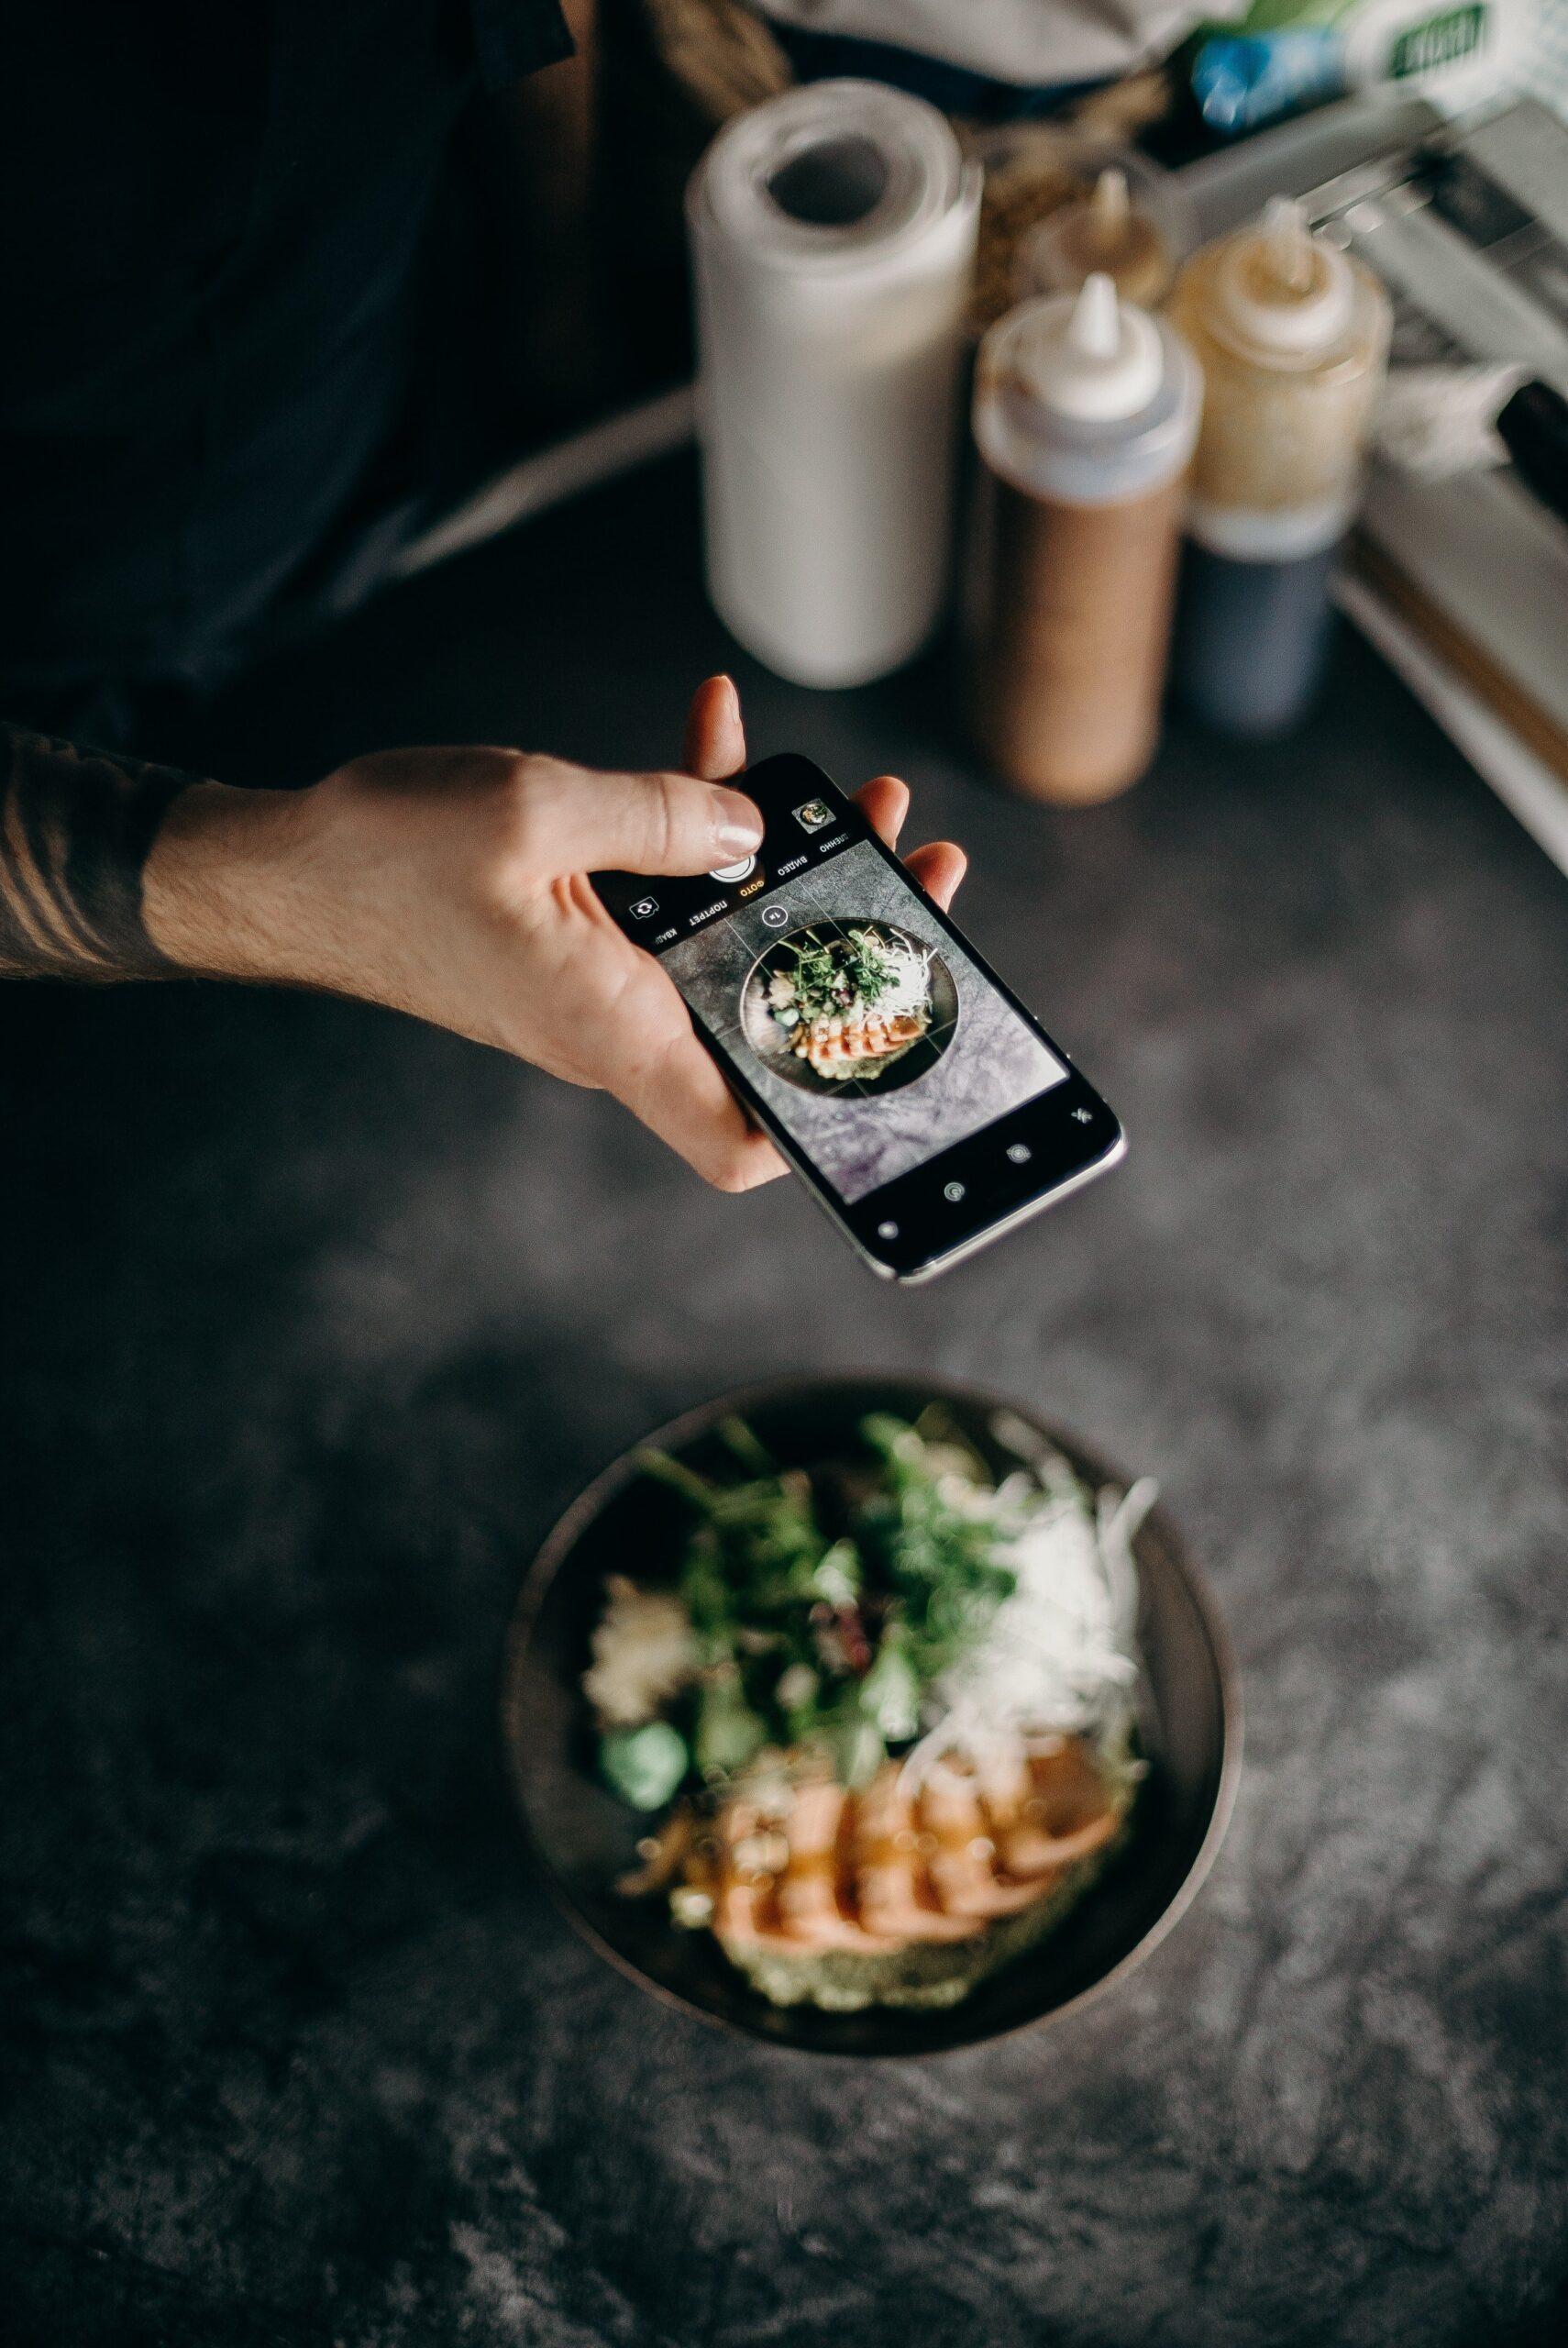 Tomando foto de comida para Instagram